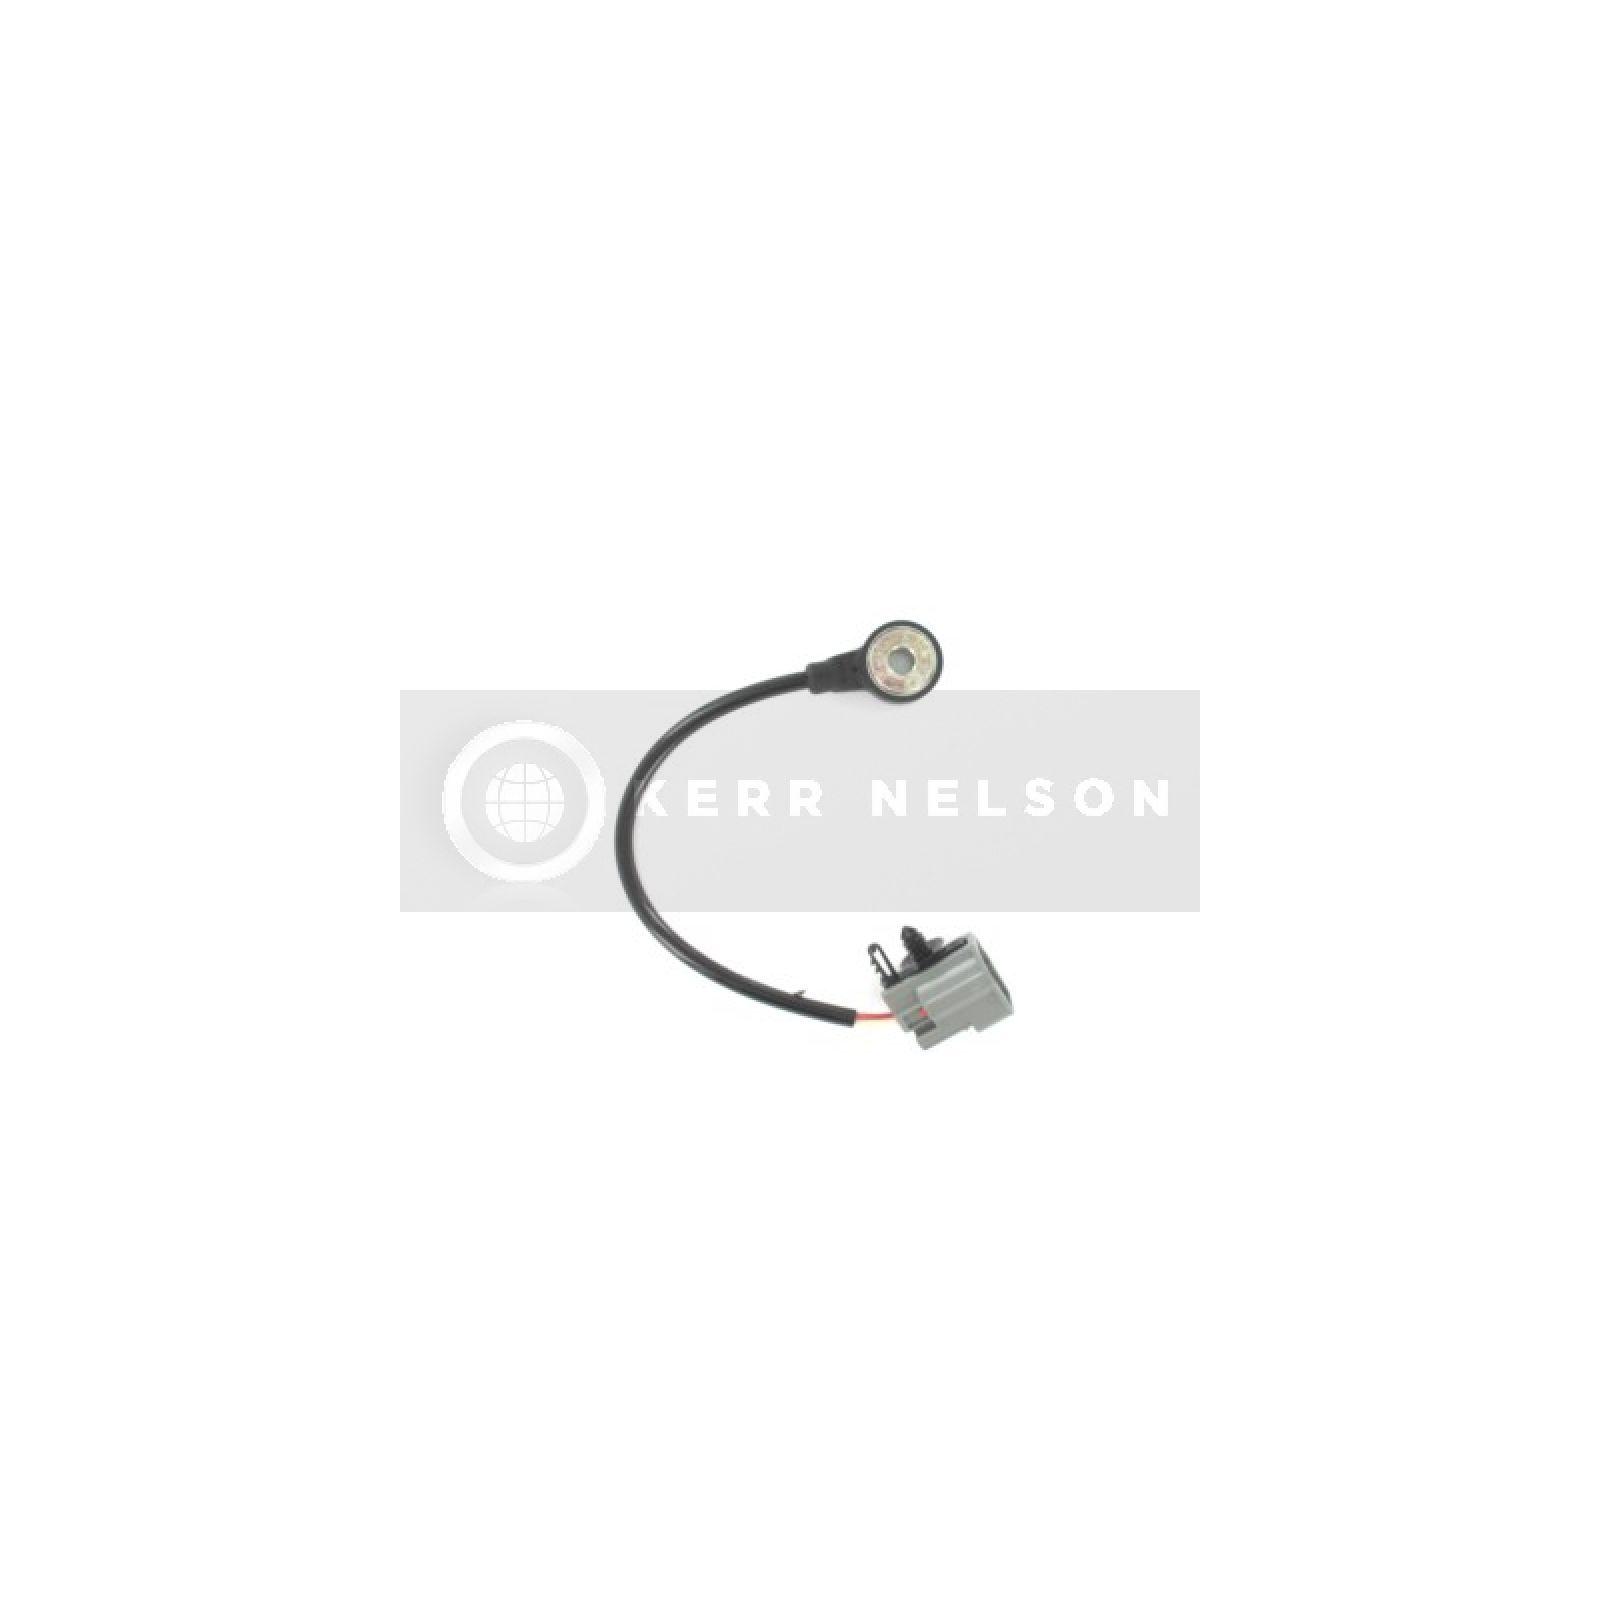 Ford-Focus-MK3-2-0-St-Genuino-Kerr-Nelson-Sensor-de-detonacion